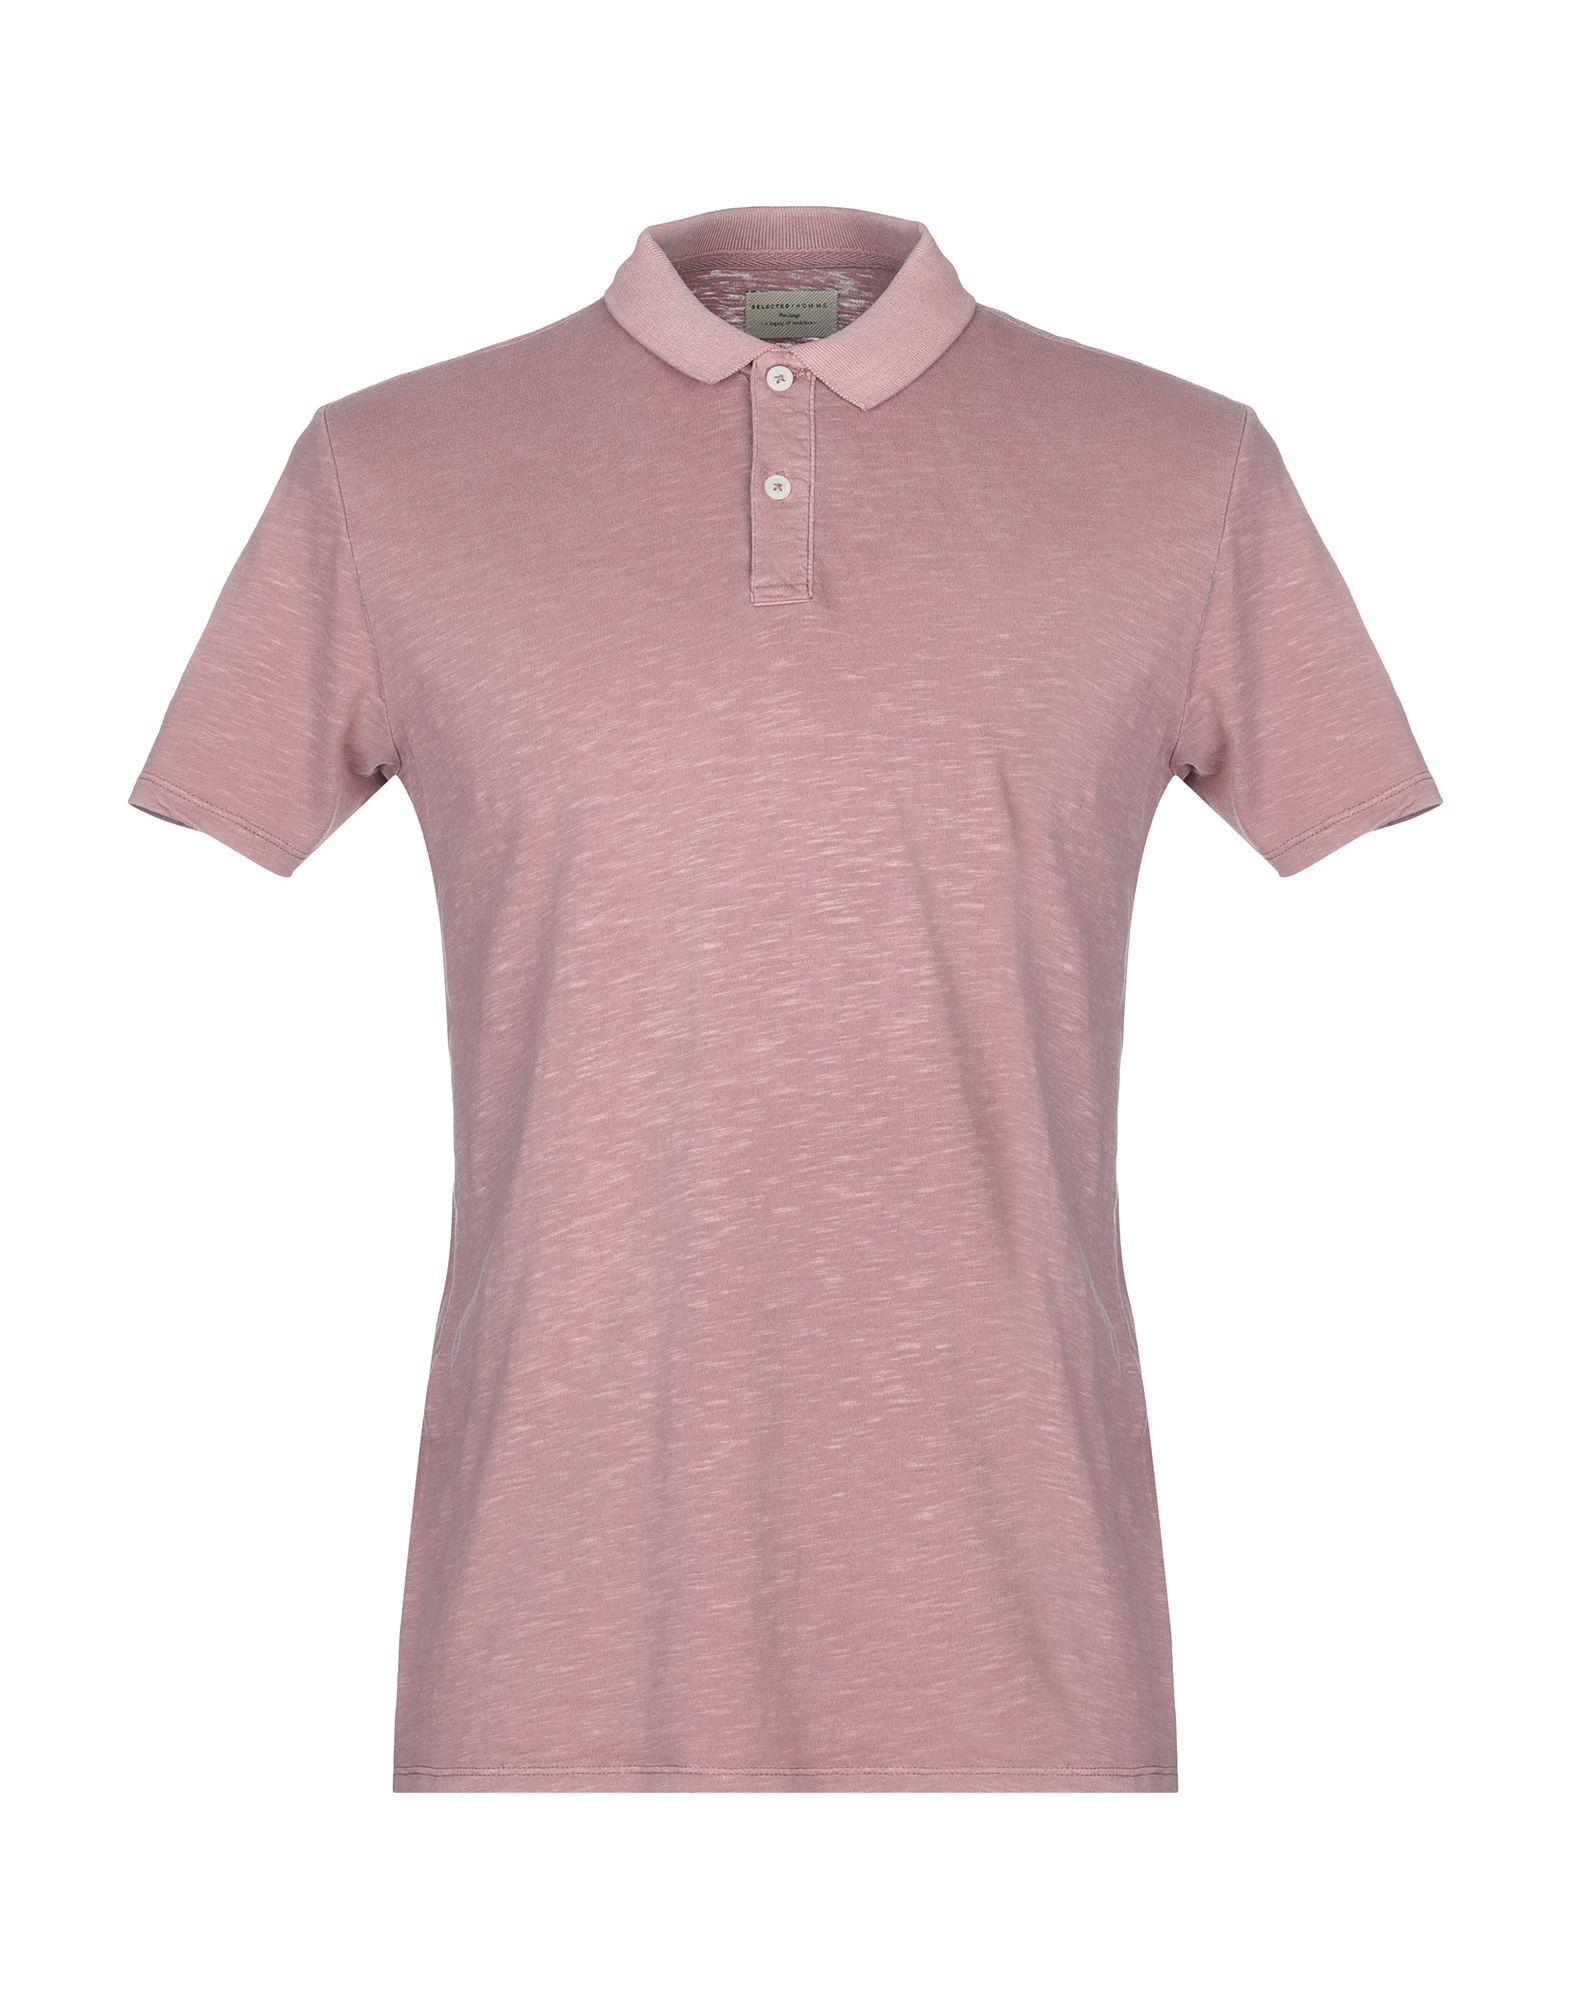 《送料無料》SELECTED HOMME メンズ ポロシャツ パステルピンク S コットン 100%